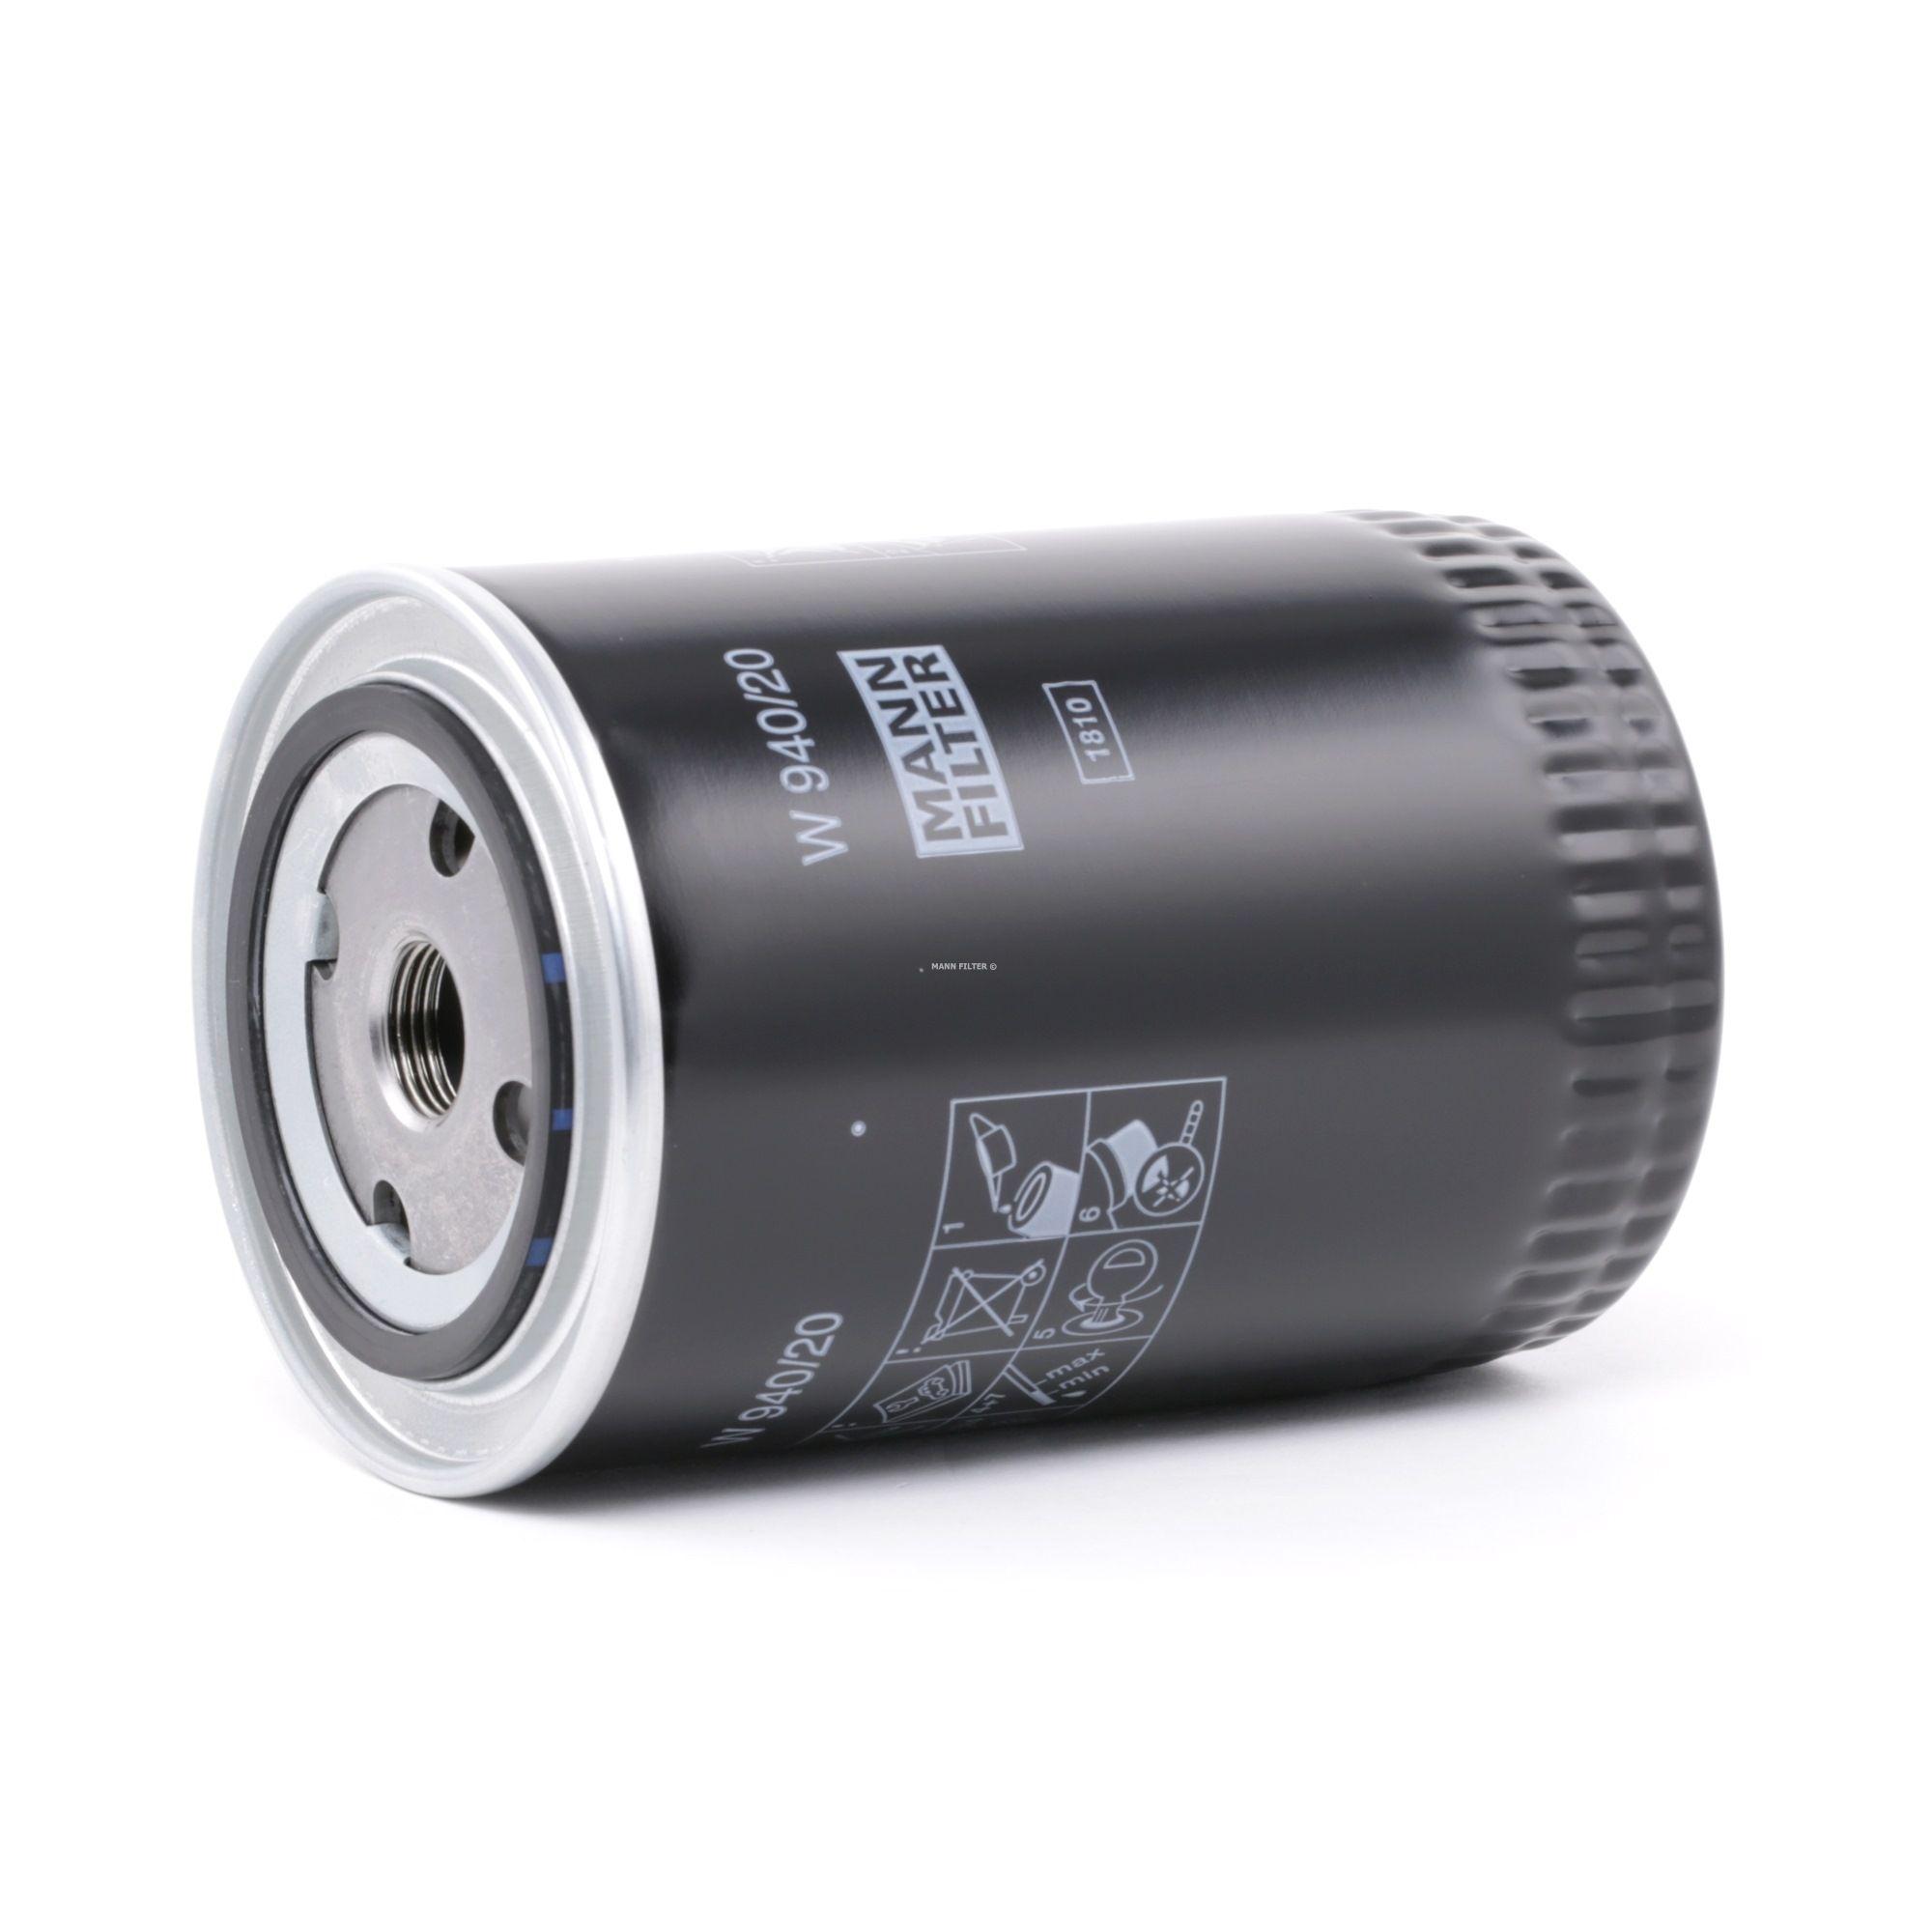 Achetez Filtre à huile MANN-FILTER W 940/20 (Diamètre intérieur 2: 62mm, Diamètre intérieur 2: 62mm, Ø: 93mm, Diamètre extérieur 2: 71mm, Hauteur: 142mm) à un rapport qualité-prix exceptionnel